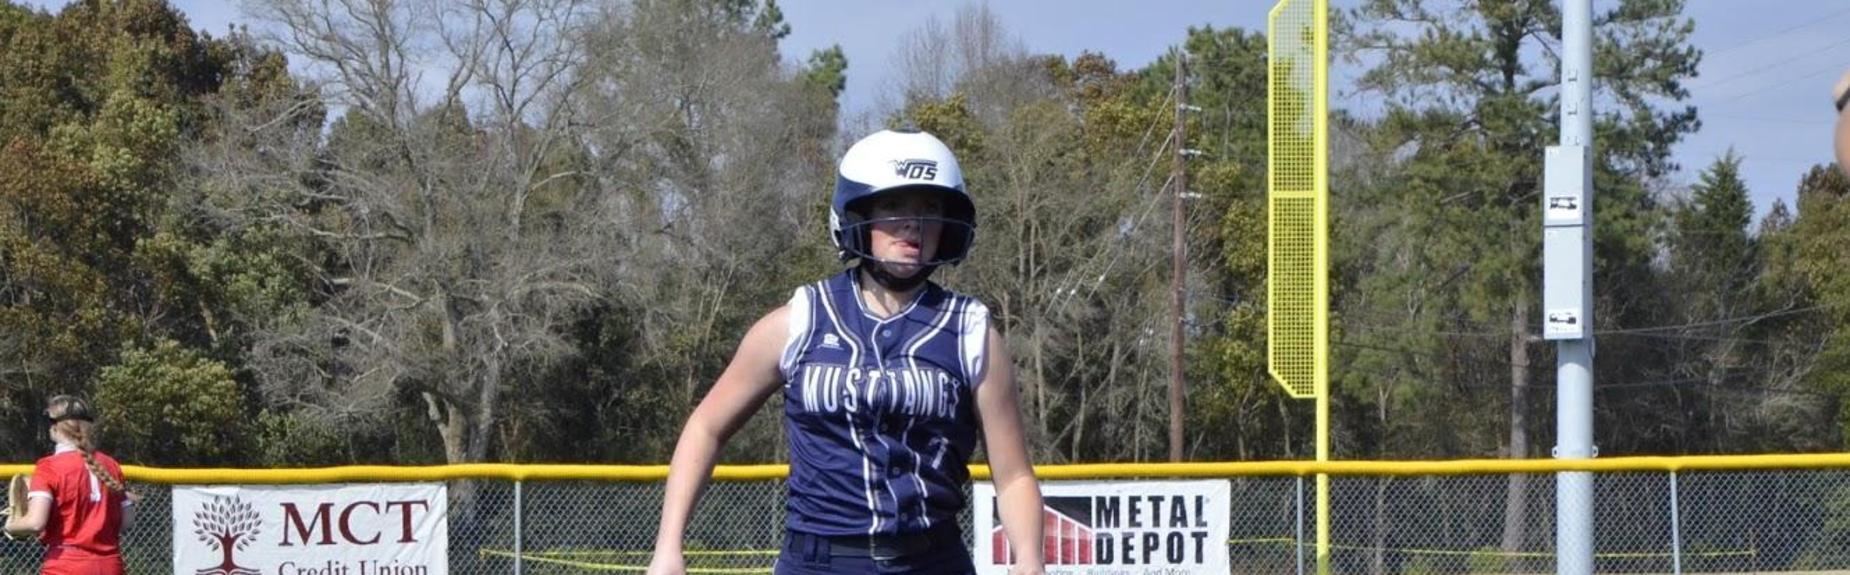 Girls Softball runner